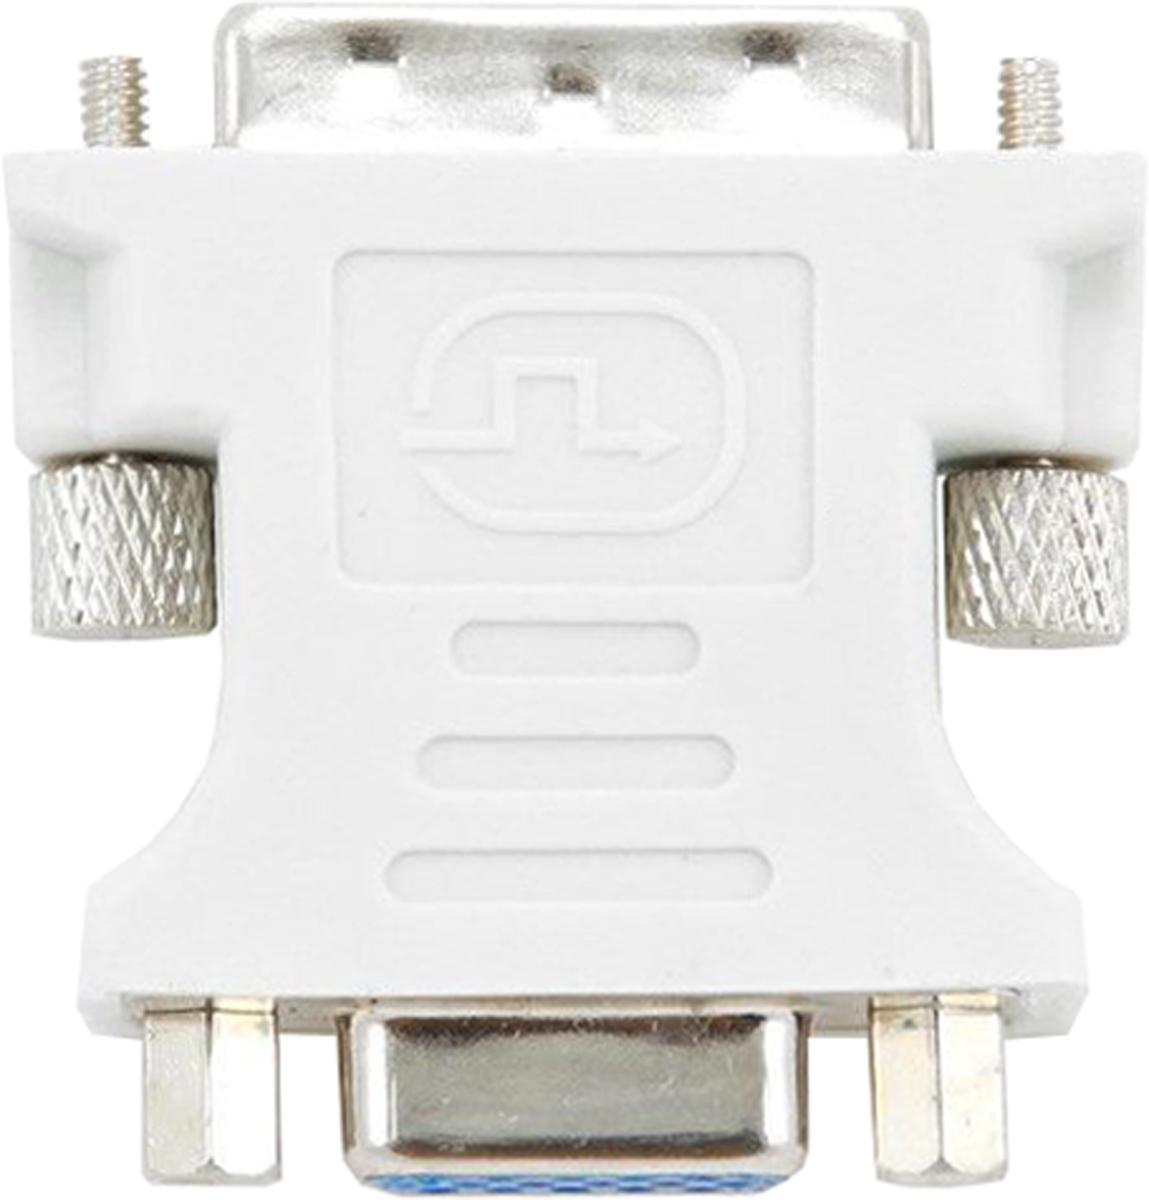 Cablexpert адаптер DVI-VGAA-DVI-VGAАдаптер-переходник Cablexpertпозволяет подключить устройства с интерфейсом VGA к видеокартам с разъемом DVI-I. Переходник изготавливается из современных практичных материалов. Перед использованием изделие не нужно дорабатывать.